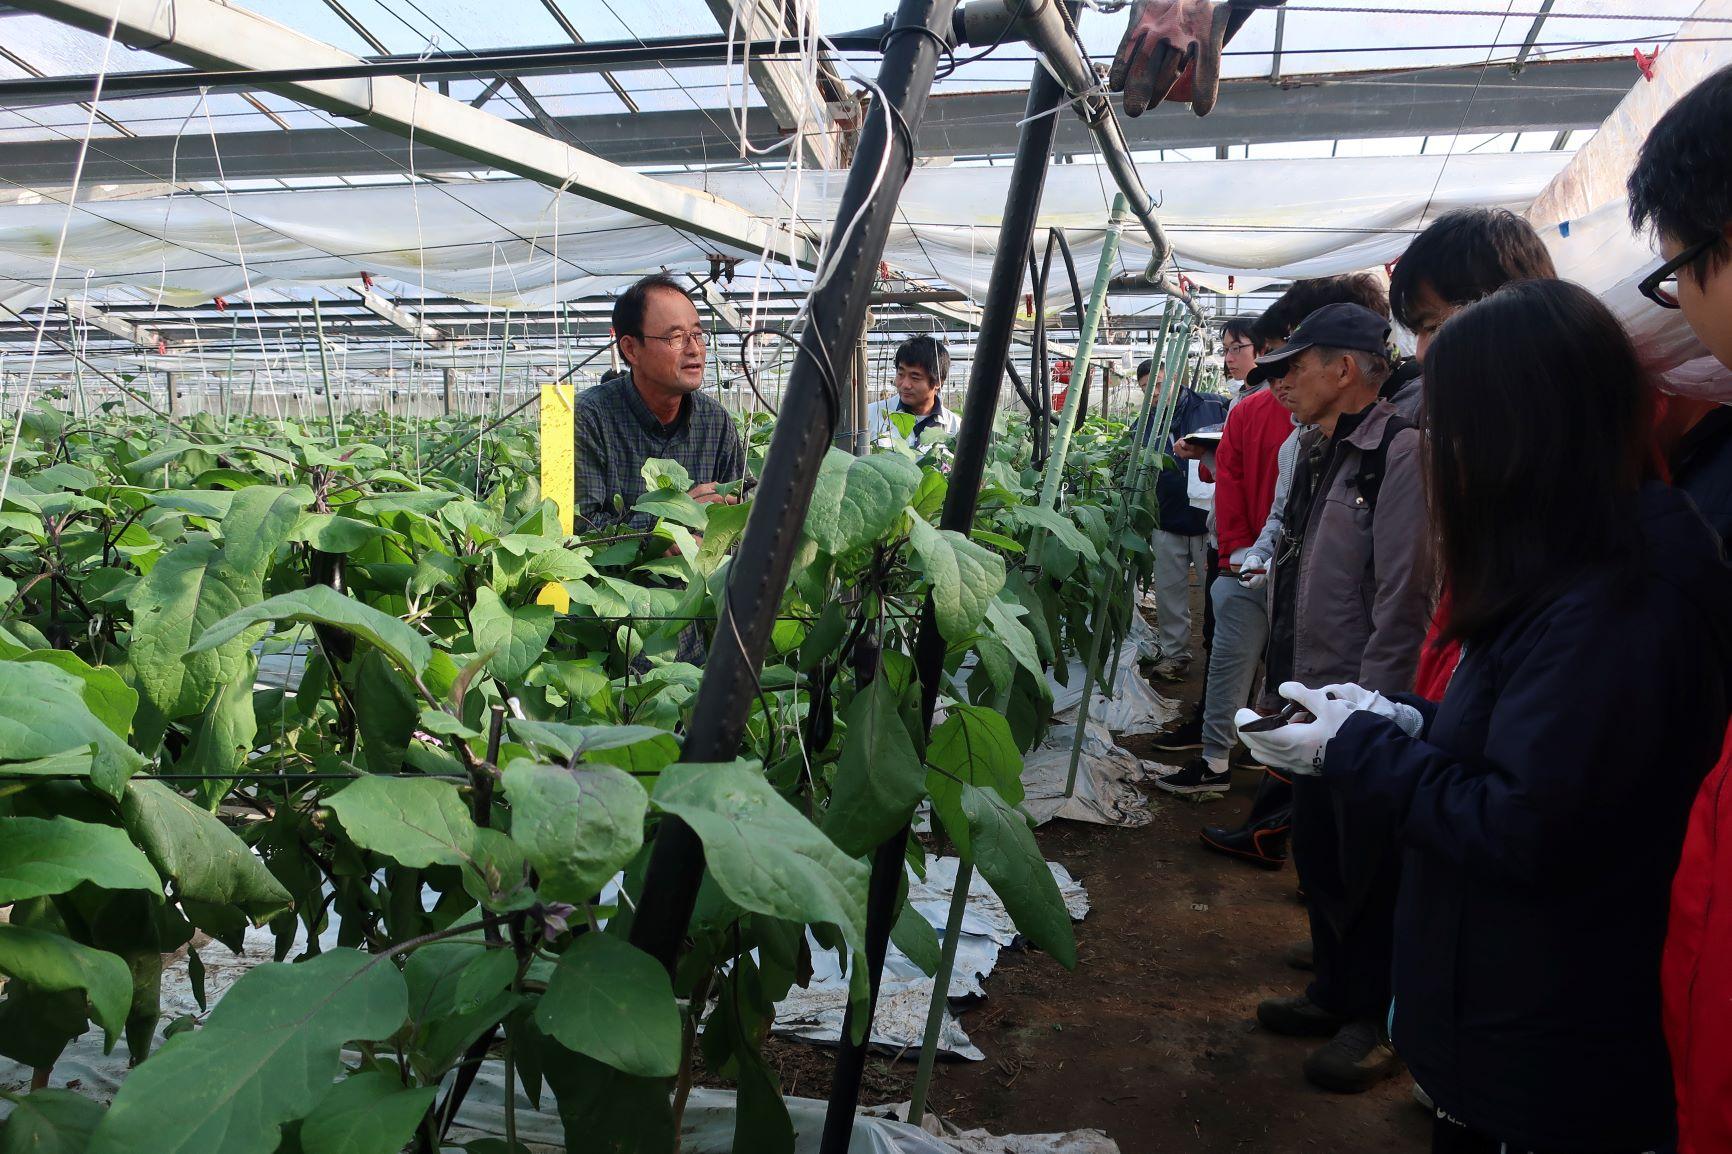 松尾武敏氏のハウスでの収穫体験の様子